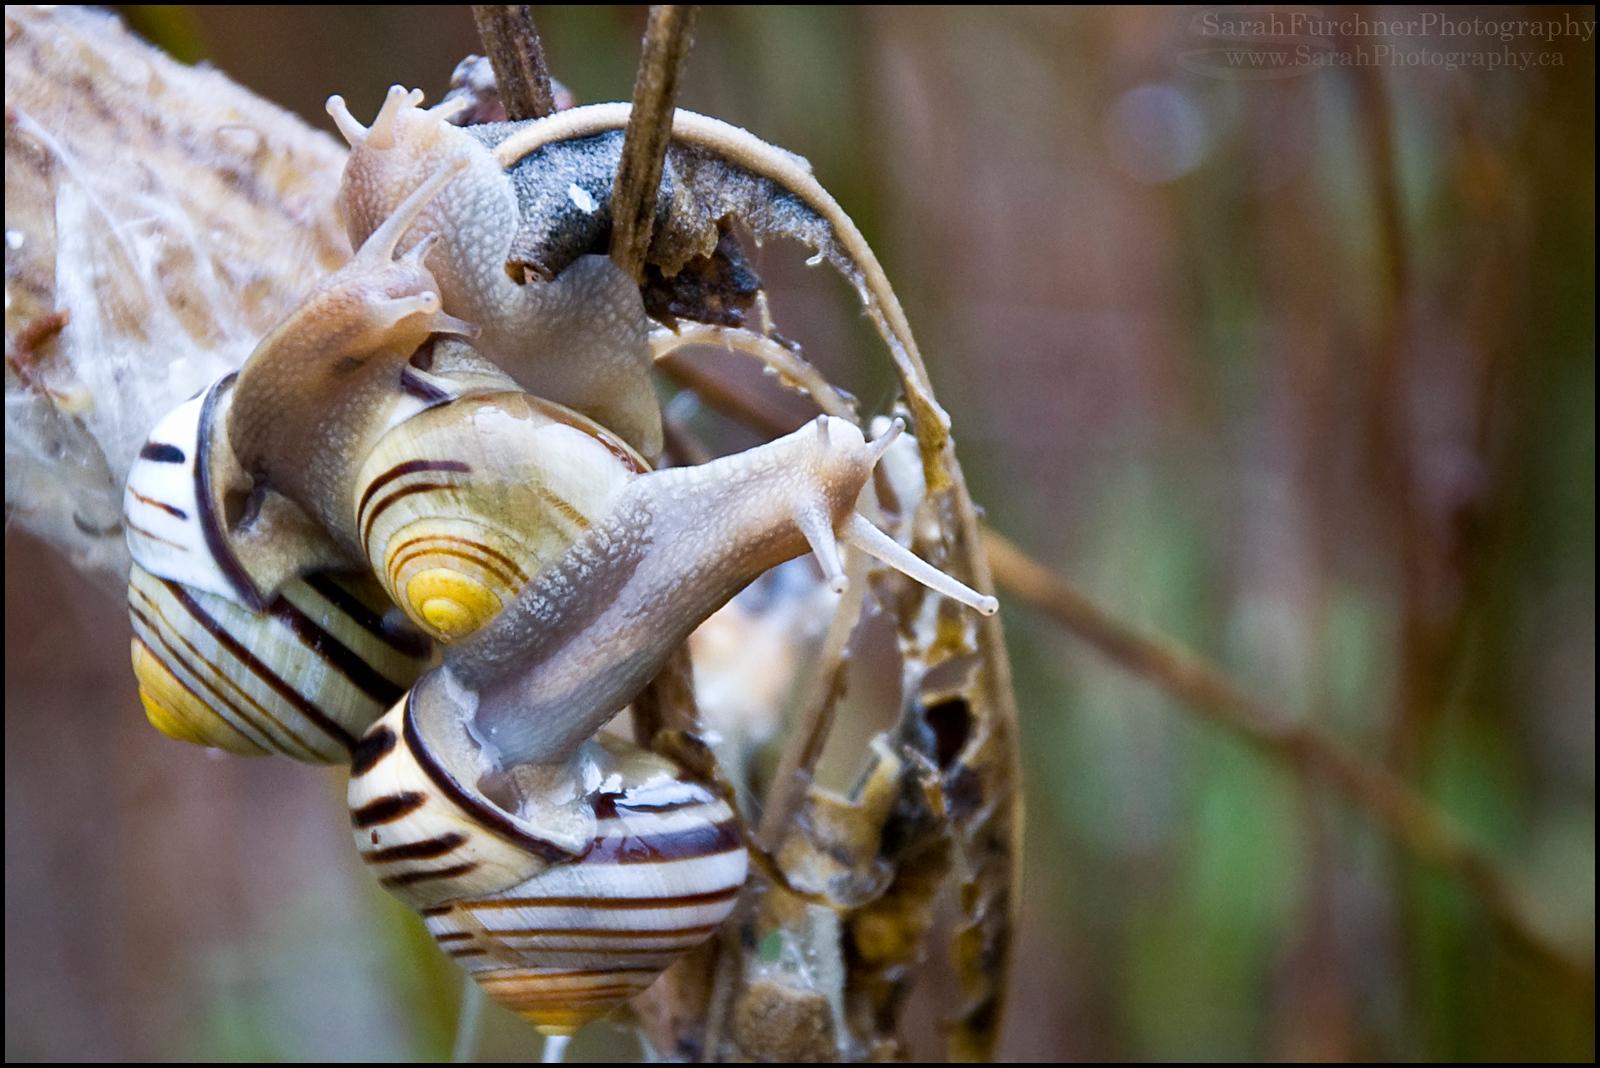 Banded Wood Snails <i>Cepaea nemoralis</i>